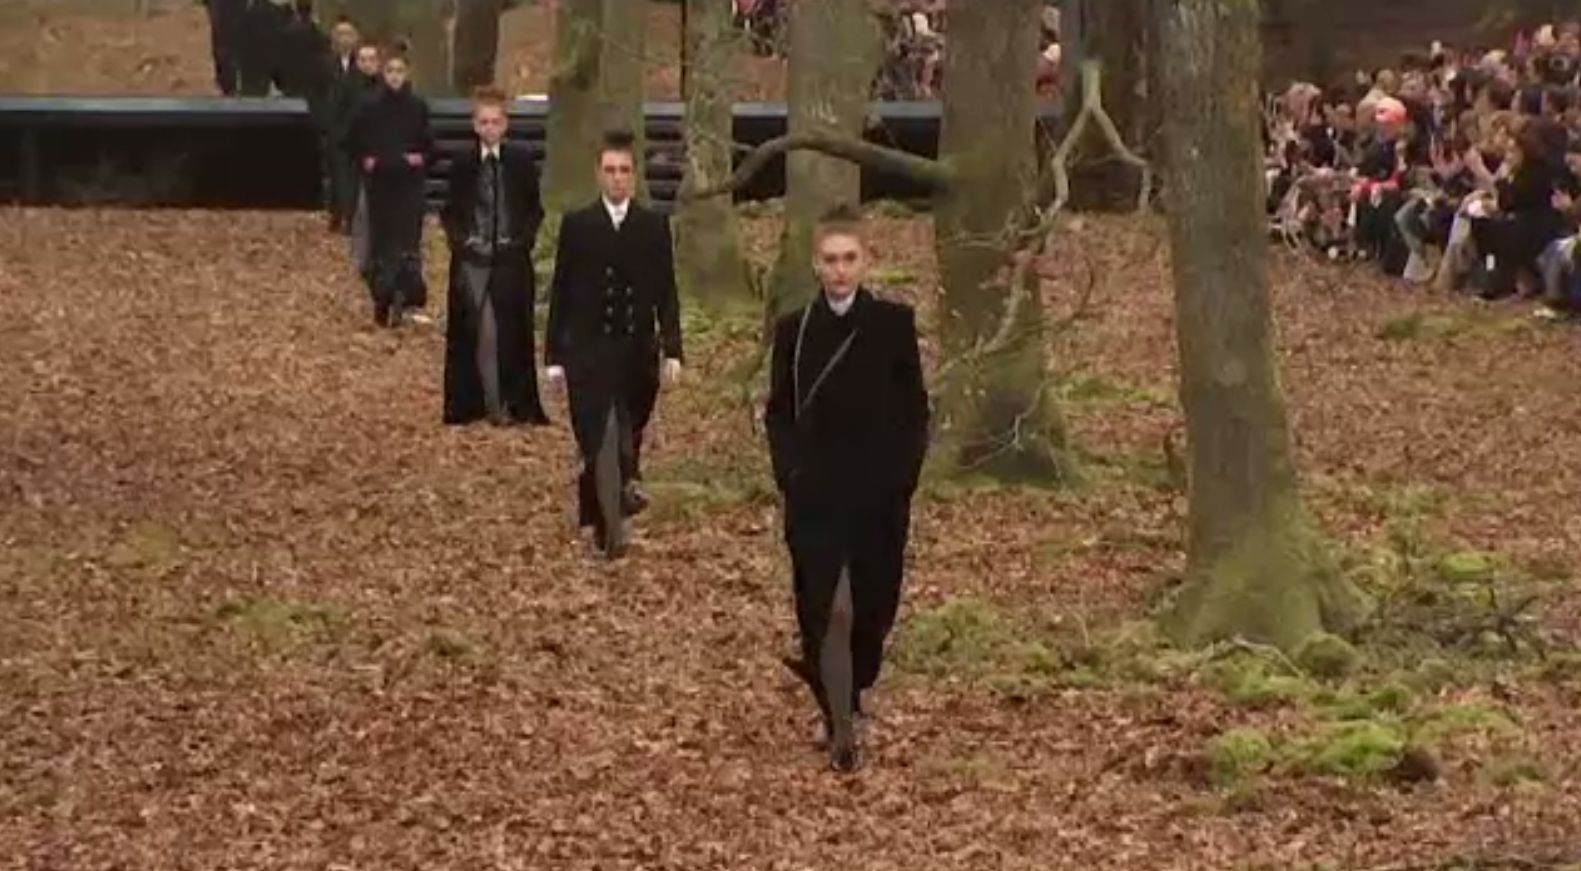 La început de primăvară, Casa Chanel și-a trimis modelele să defileze pe potecile unei păduri tomnatice